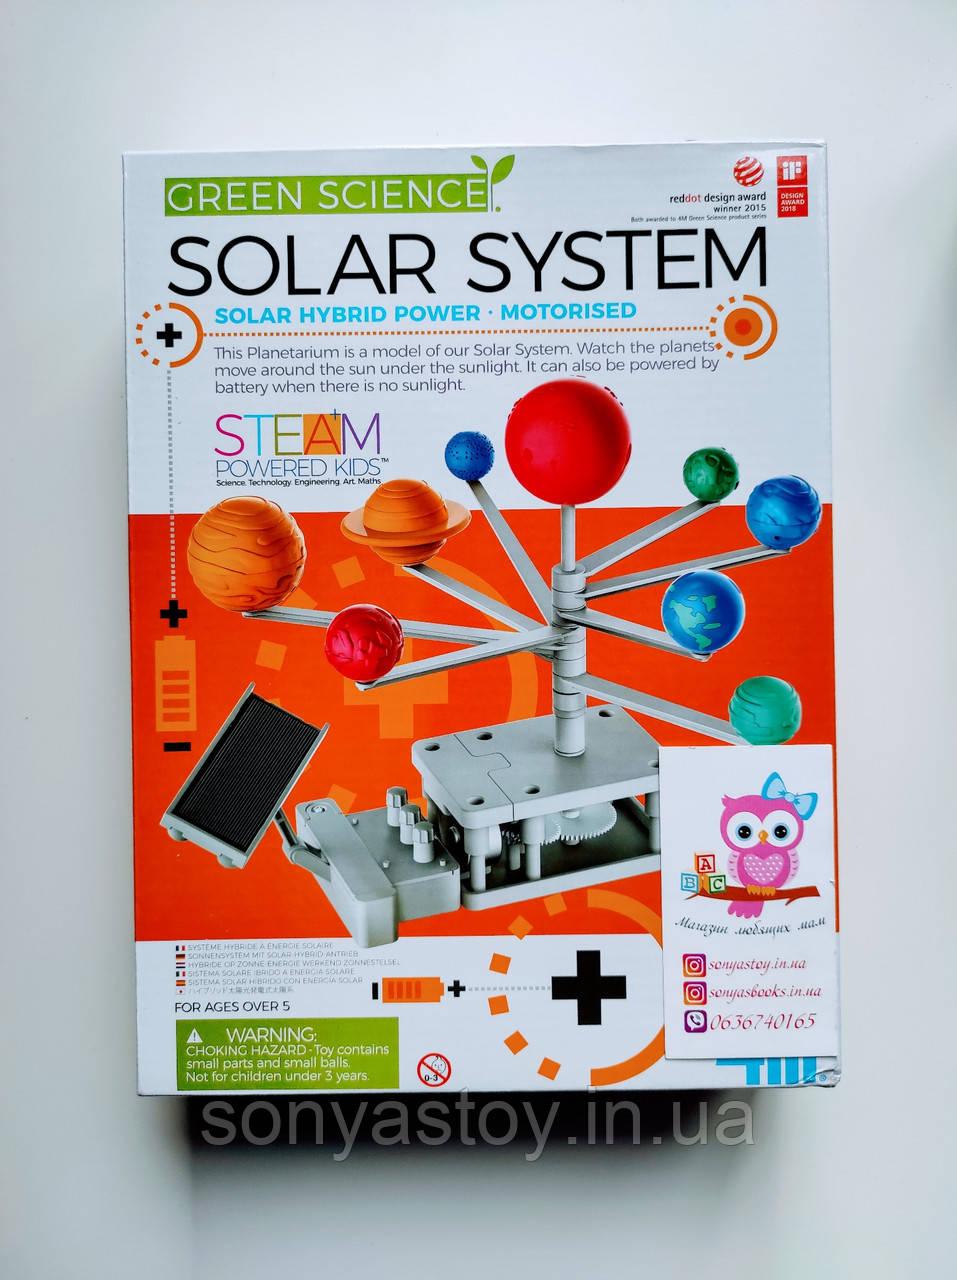 Набор для творчества Модель солнечной системы, моторизованная, 8+